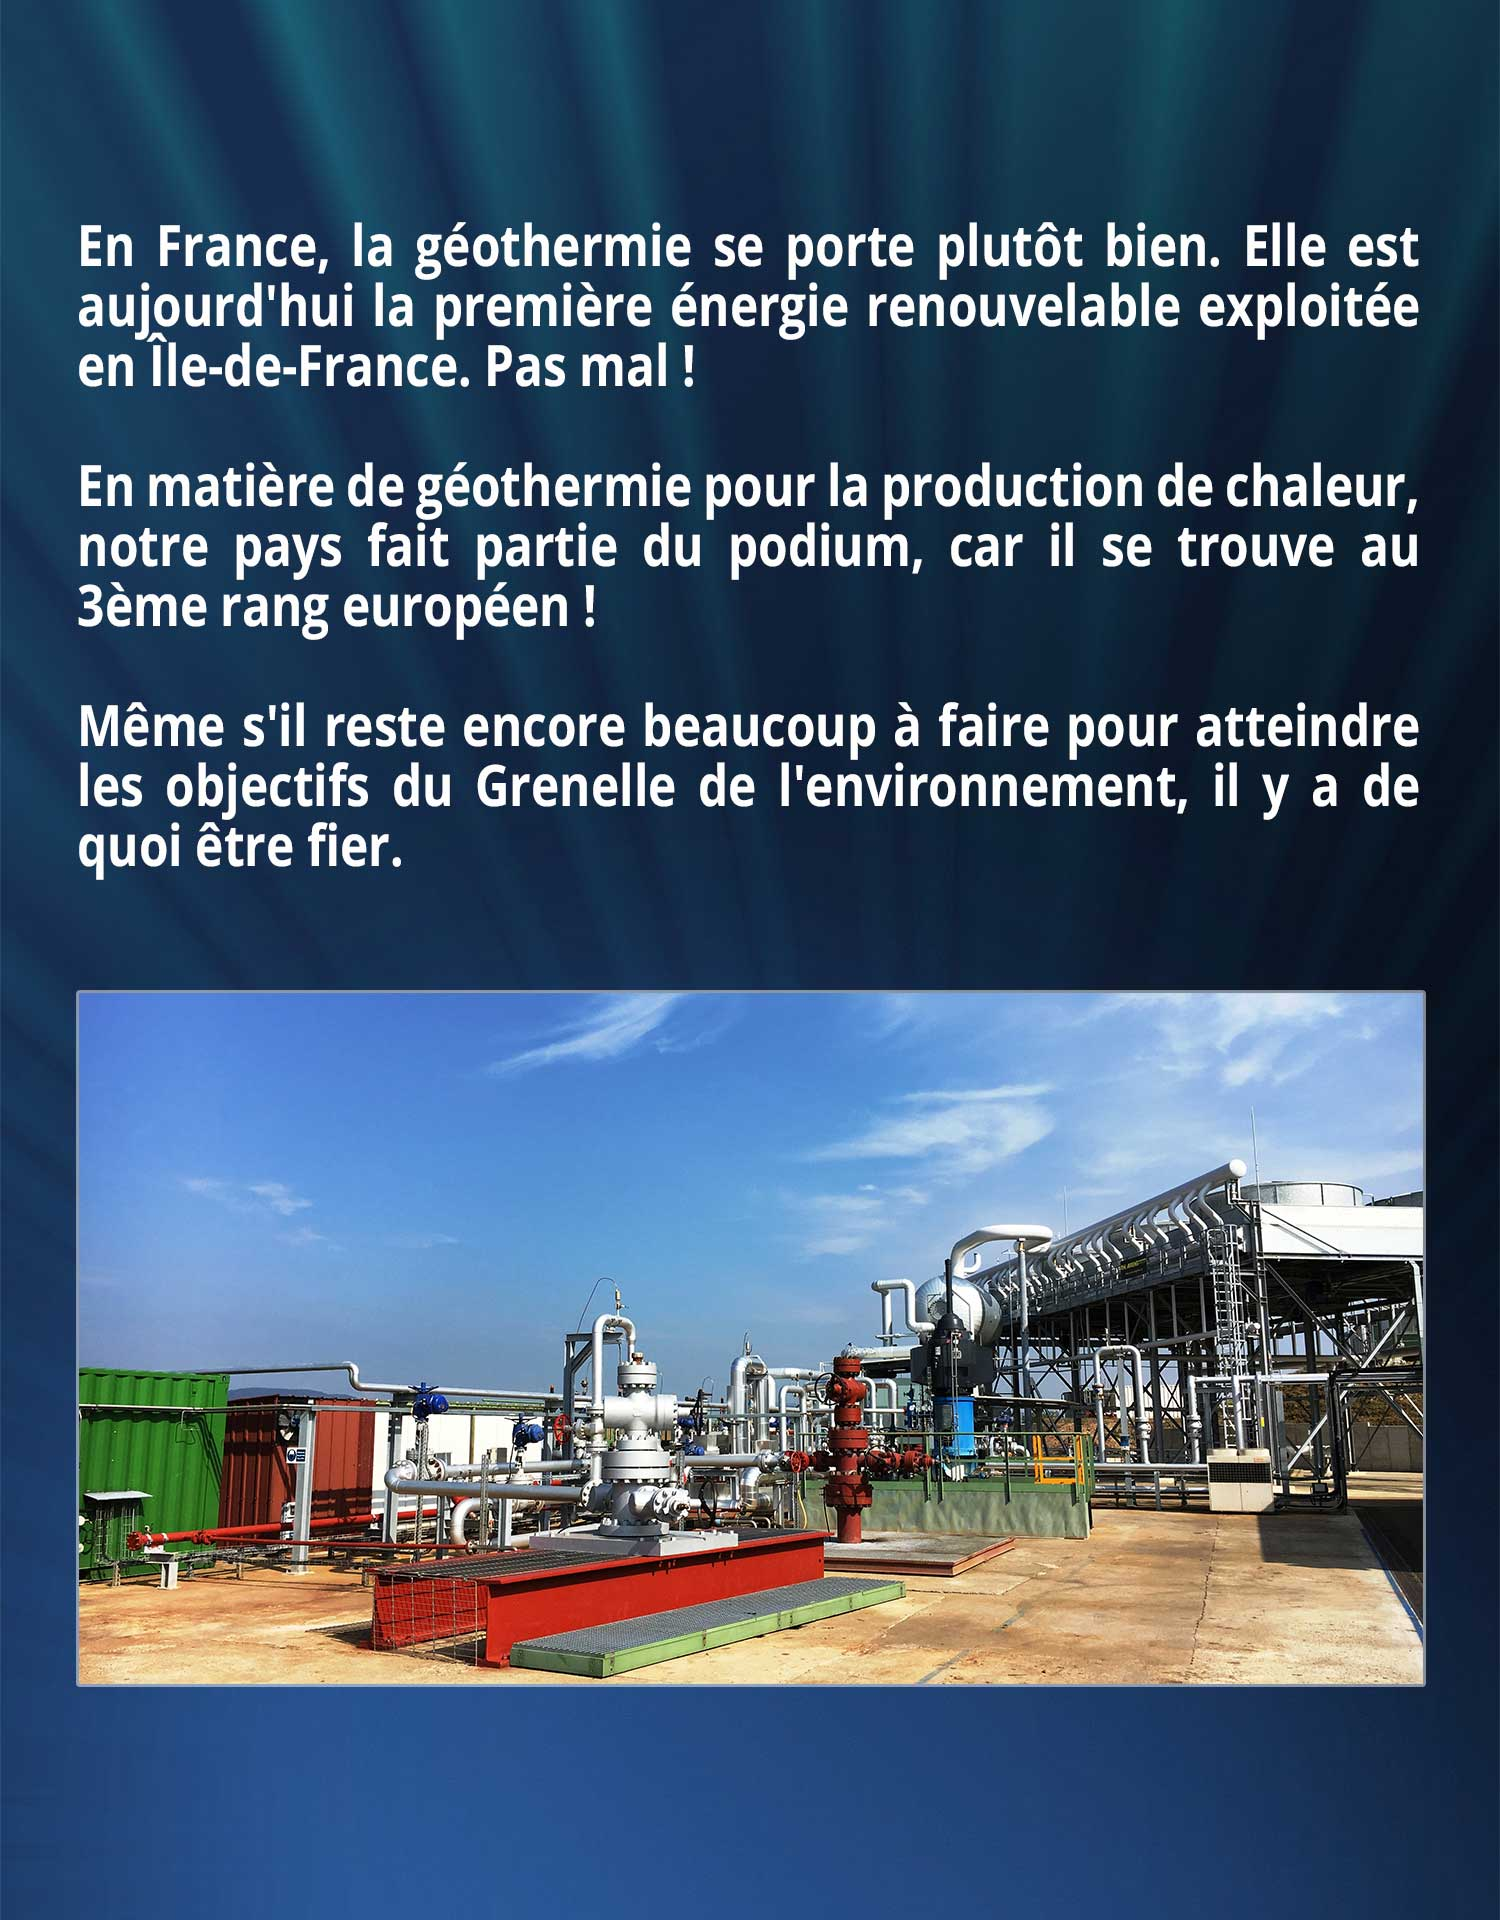 En France, la géothermie se porte plutôt bien. Elle est aujourd'hui la première énergie renouvelable exploitée en Île-de-France. Pas mal ! En matière de géothermie pour la production de chaleur, notre pays fait partie du podium, car il se trouve au 3ème rang européen ! Même s'il reste encore beaucoup à faire pour atteindre les objectifs du Grenelle de l'environnement, il y a de quoi être fier.